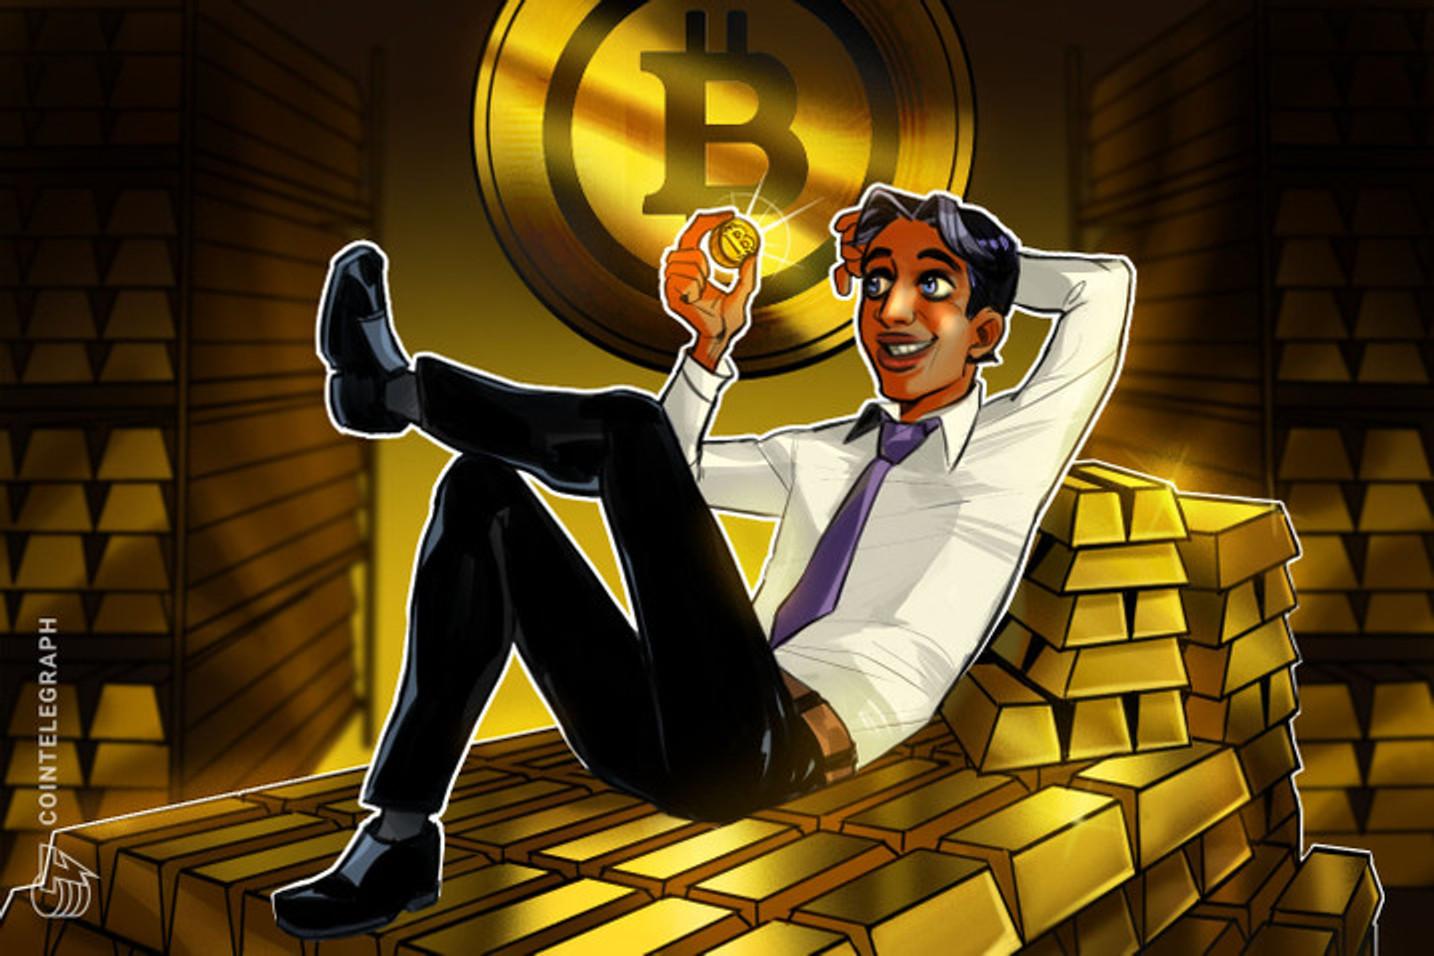 Exchange de derivativos BTSE lança contratos futuros de ouro com preços em Bitcoin